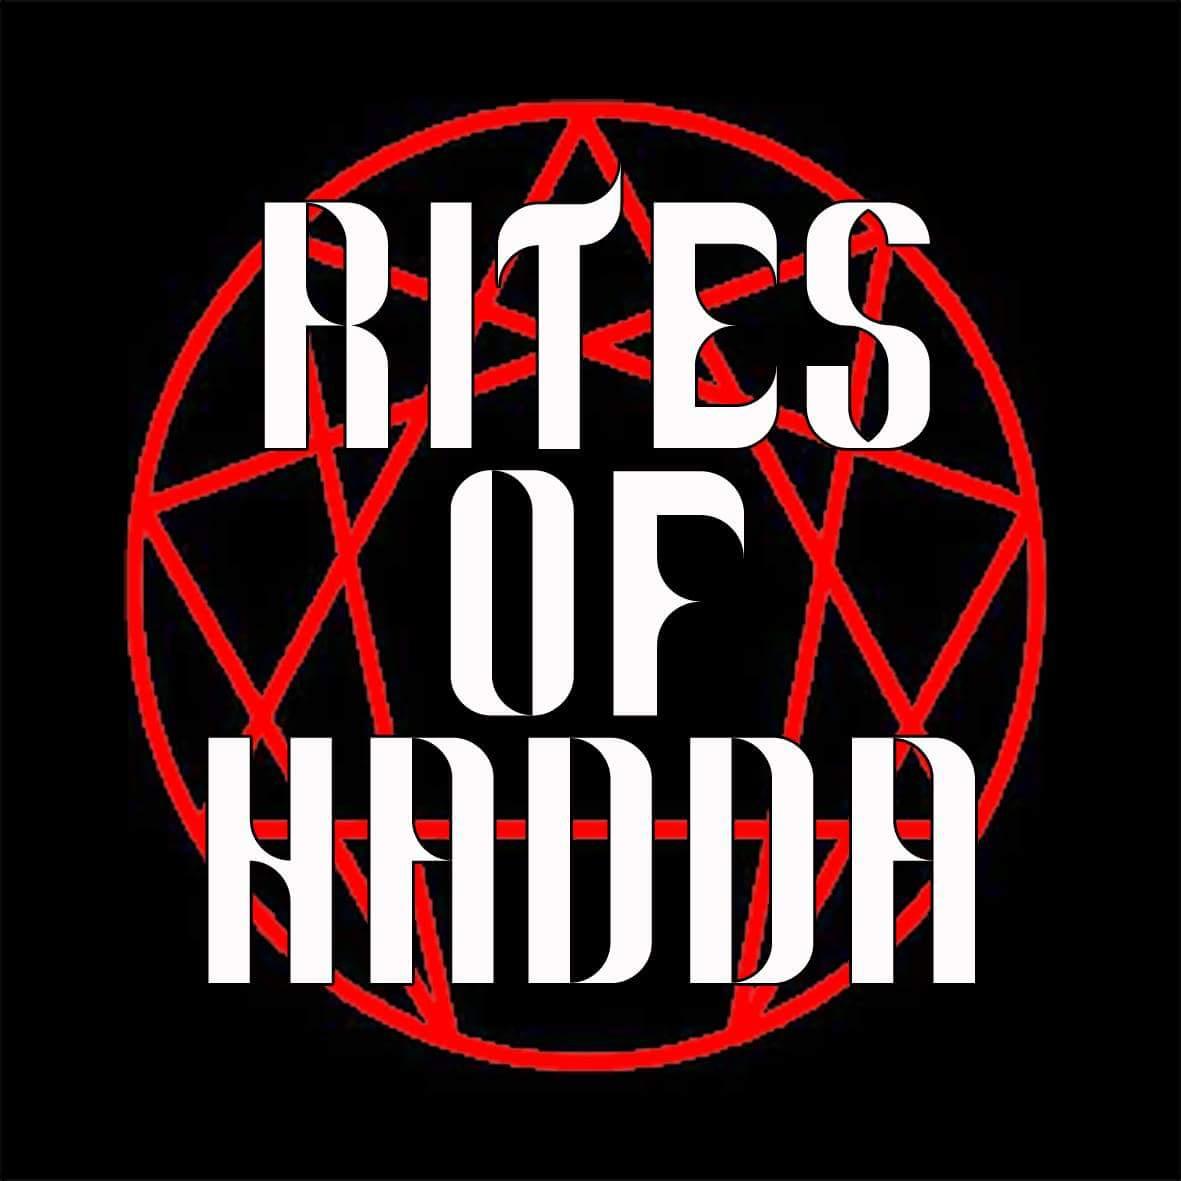 Rites of Hadda